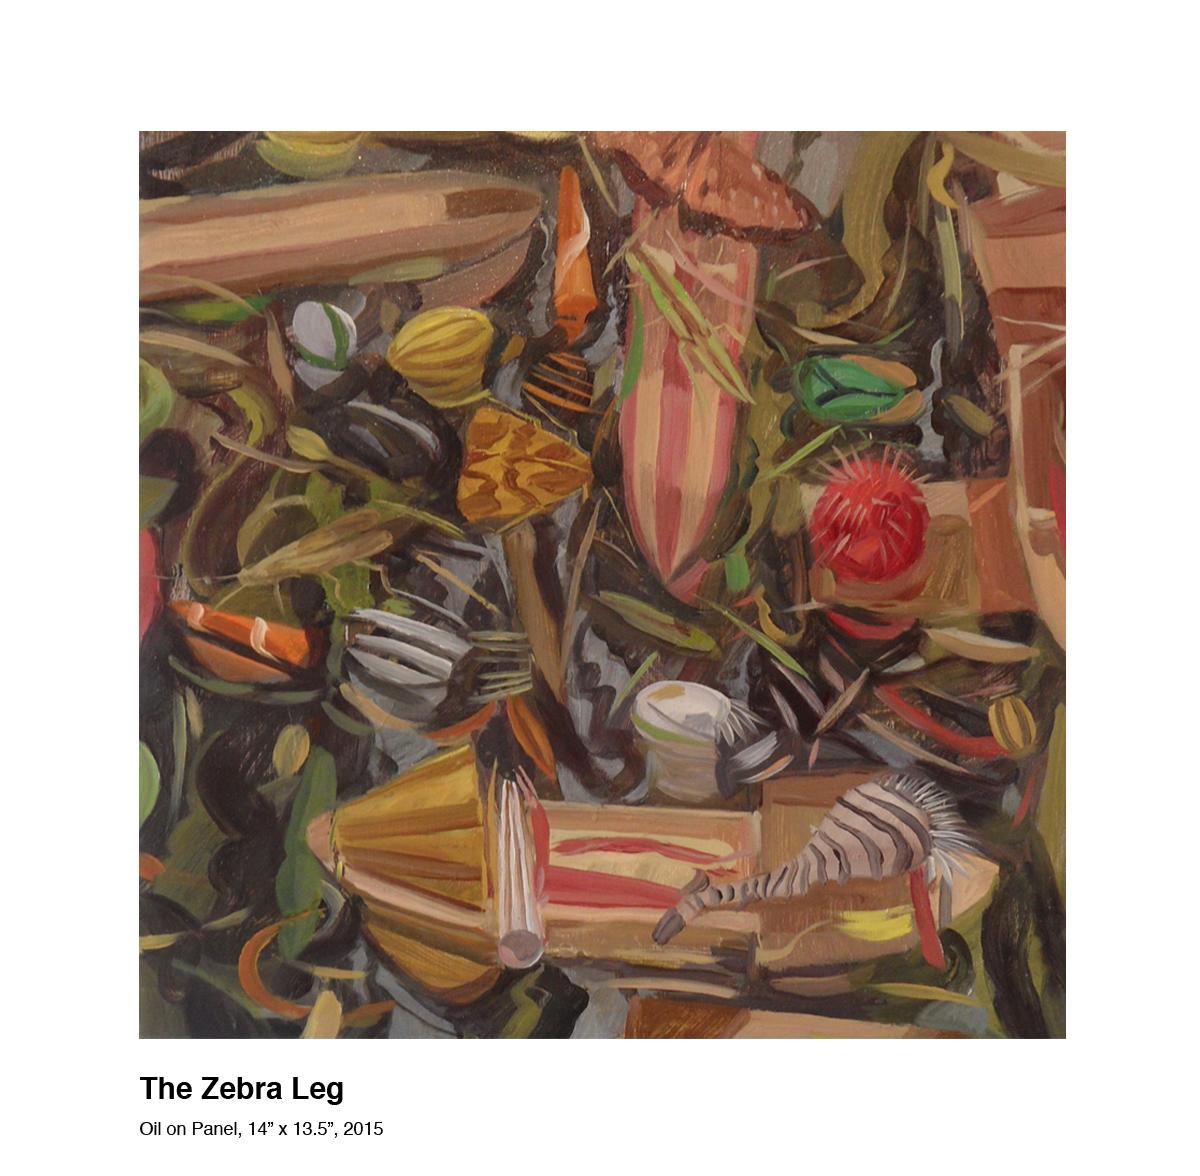 The Zebra Leg (2015) oil on panel copy.jpg